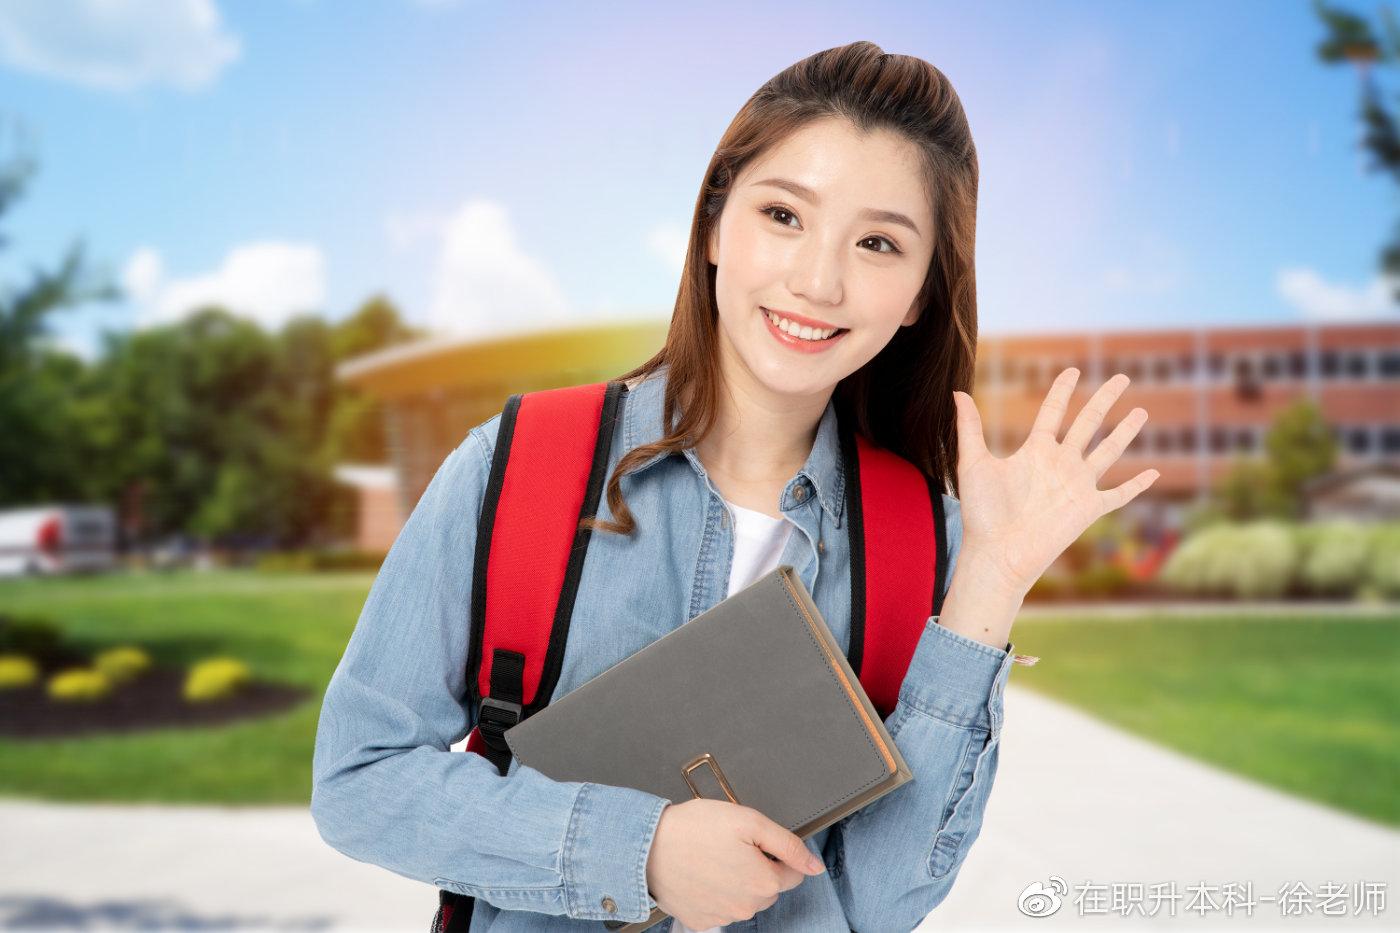 东北大学成人高考(东北大学成人高考招生简章)